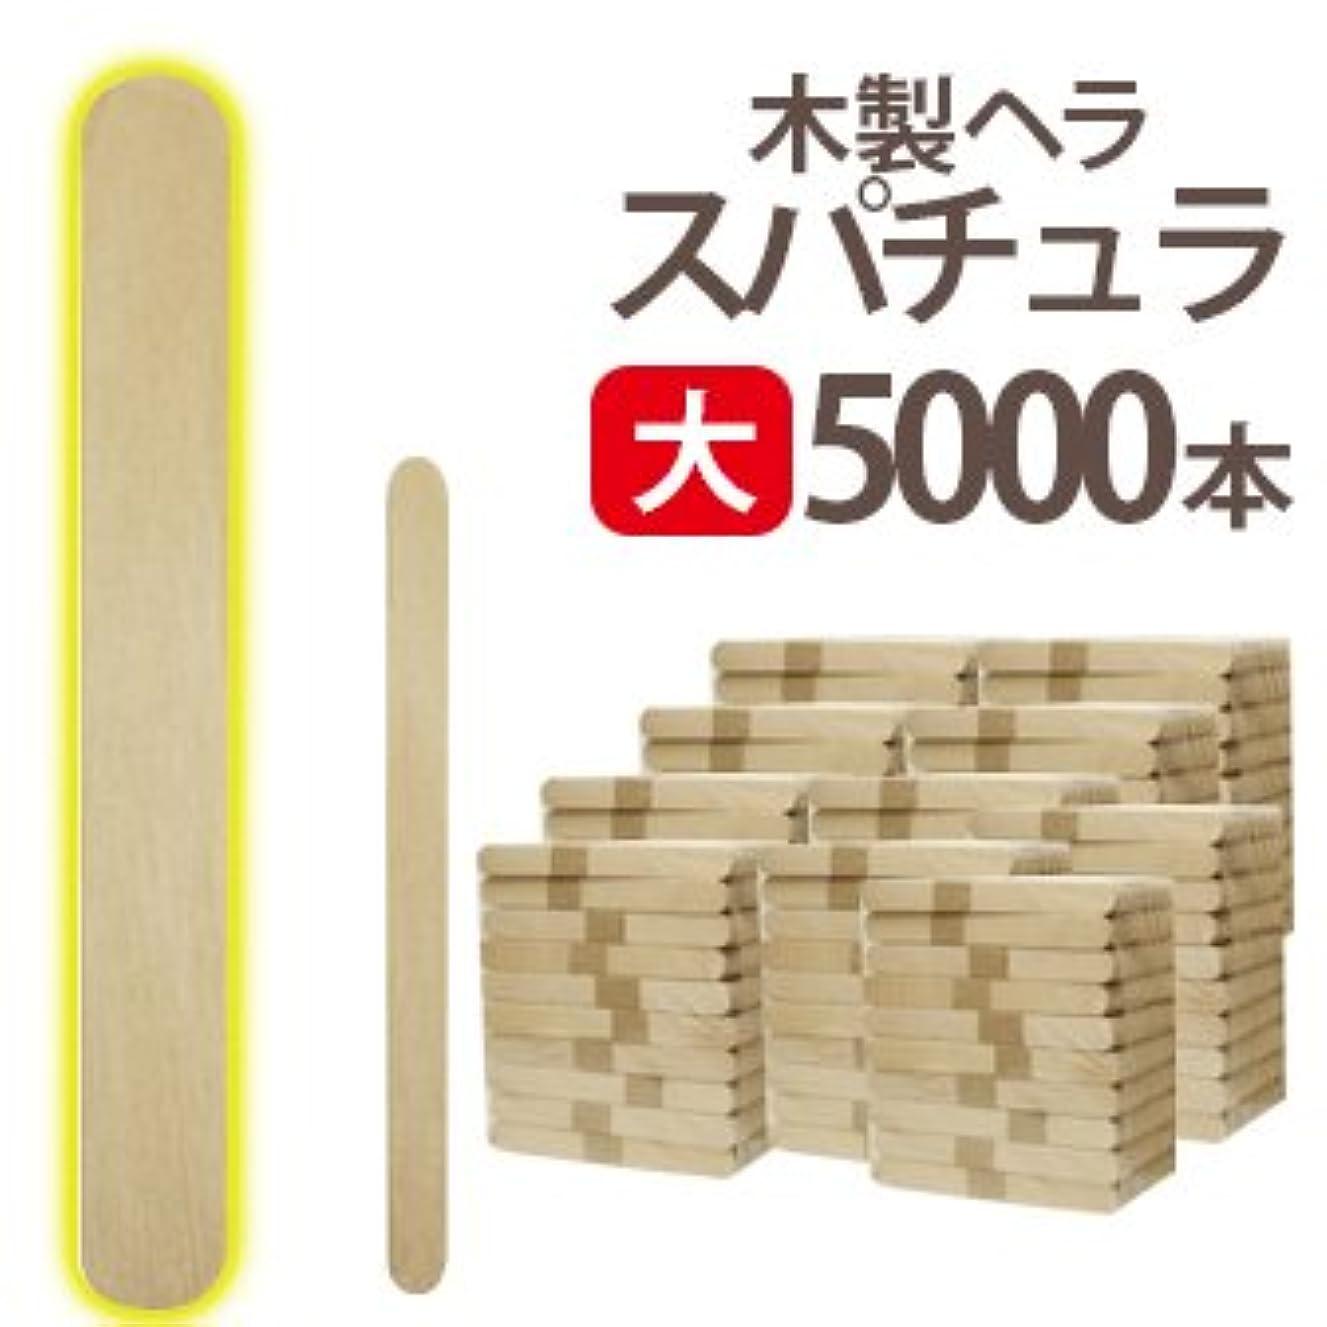 感じ公然とアラブ大 ブラジリアンワックス 業務用5000本 スパチュラ Aタイプ(個別梱包なし 150×16)